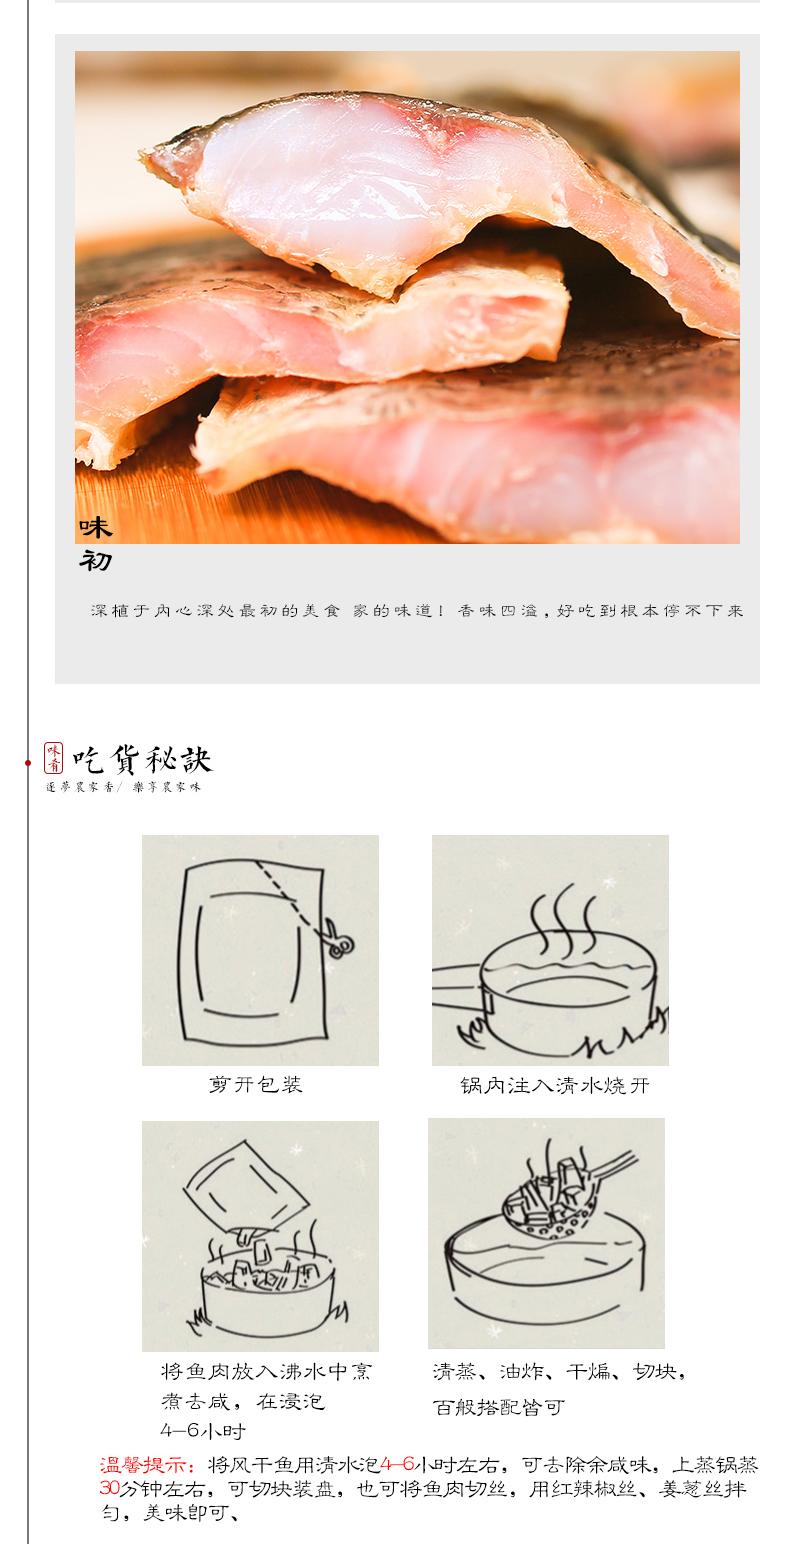 青鱼详情5.jpg